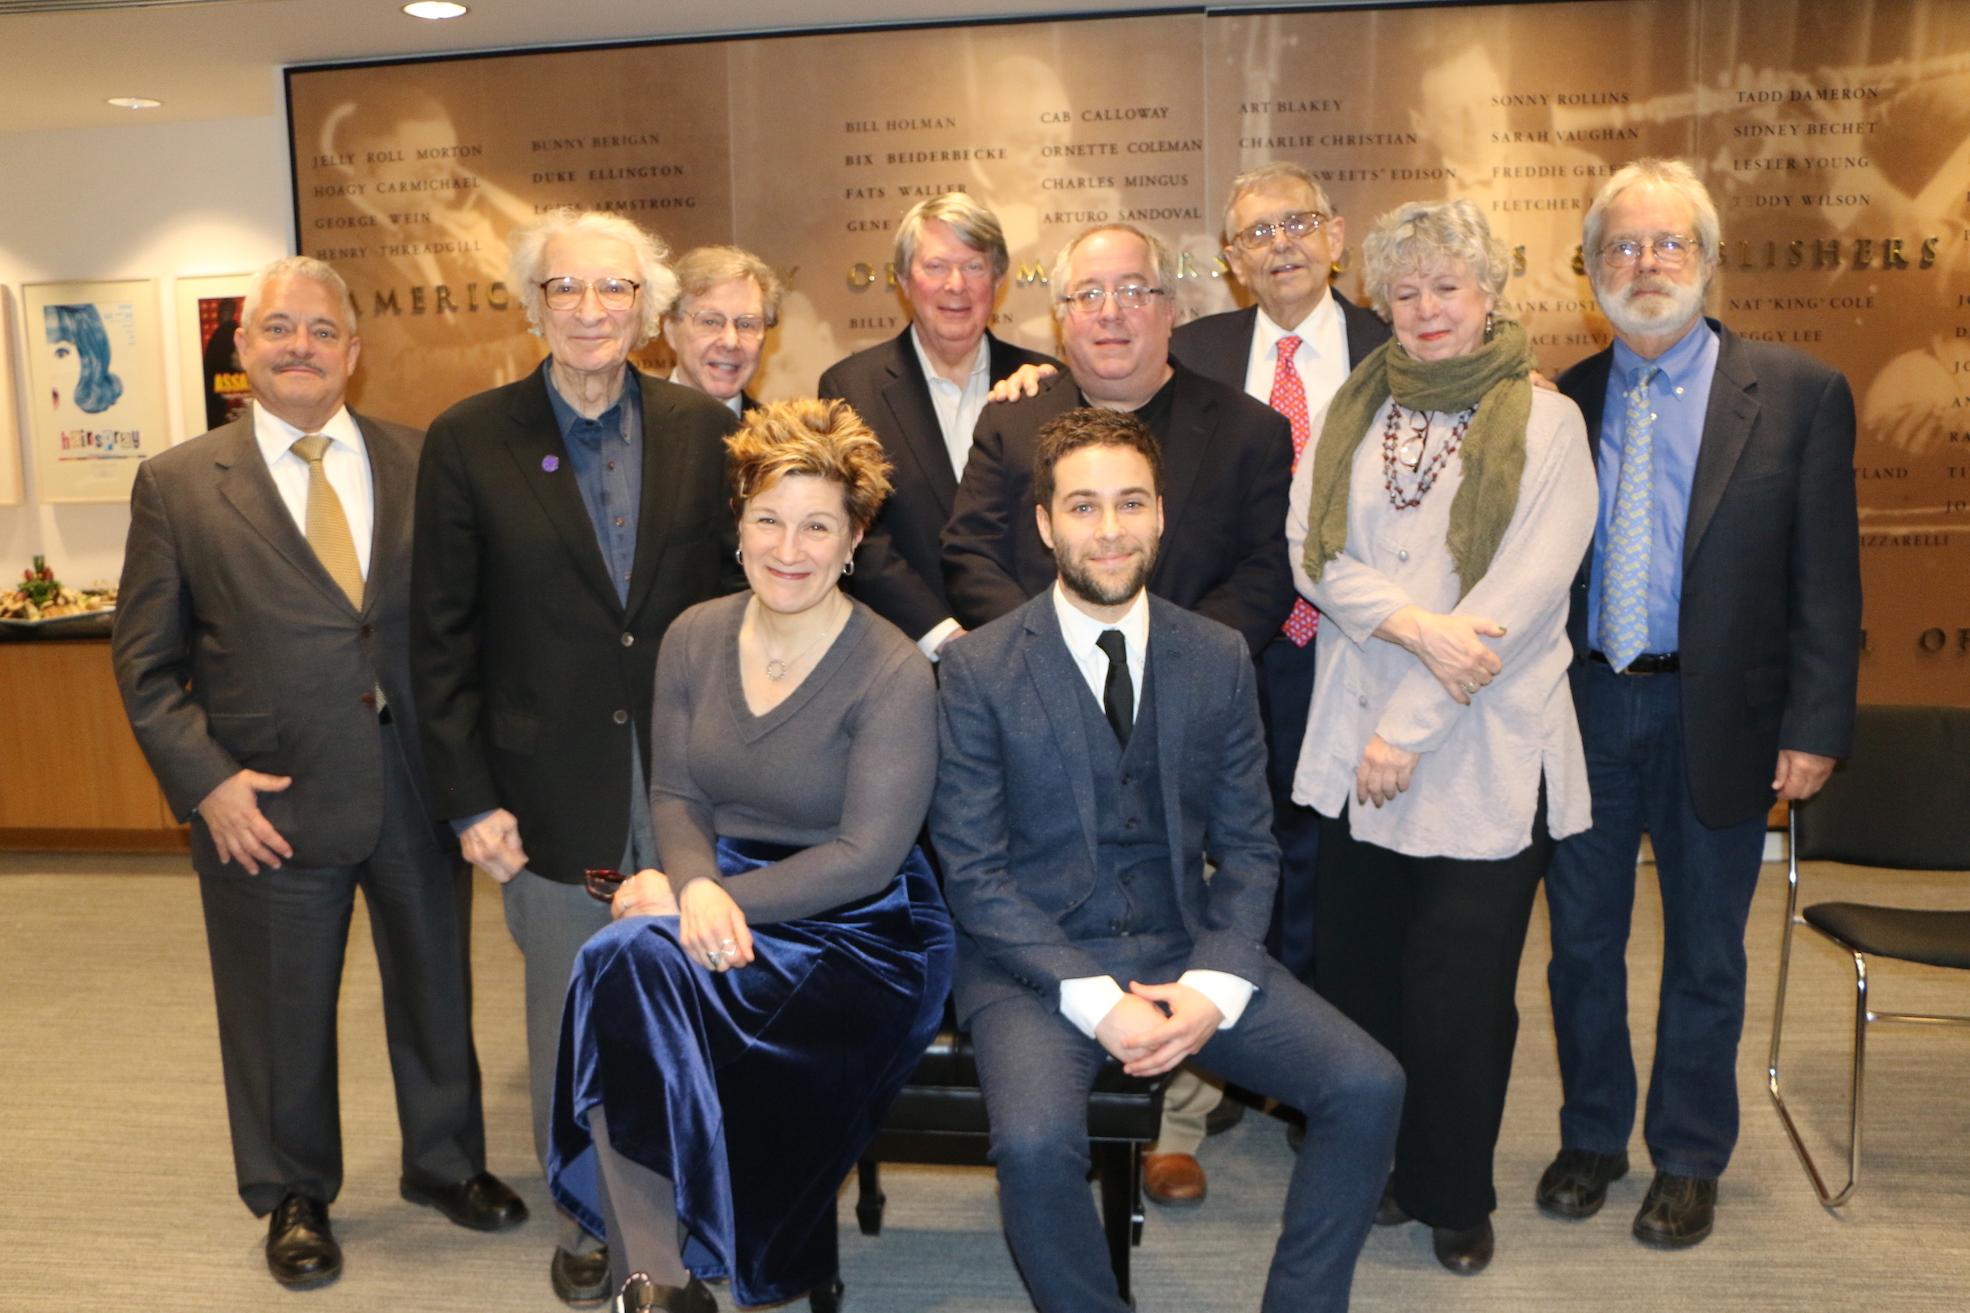 Kleban Prize Winners – Lisa Kron, Daniel Zaitchik